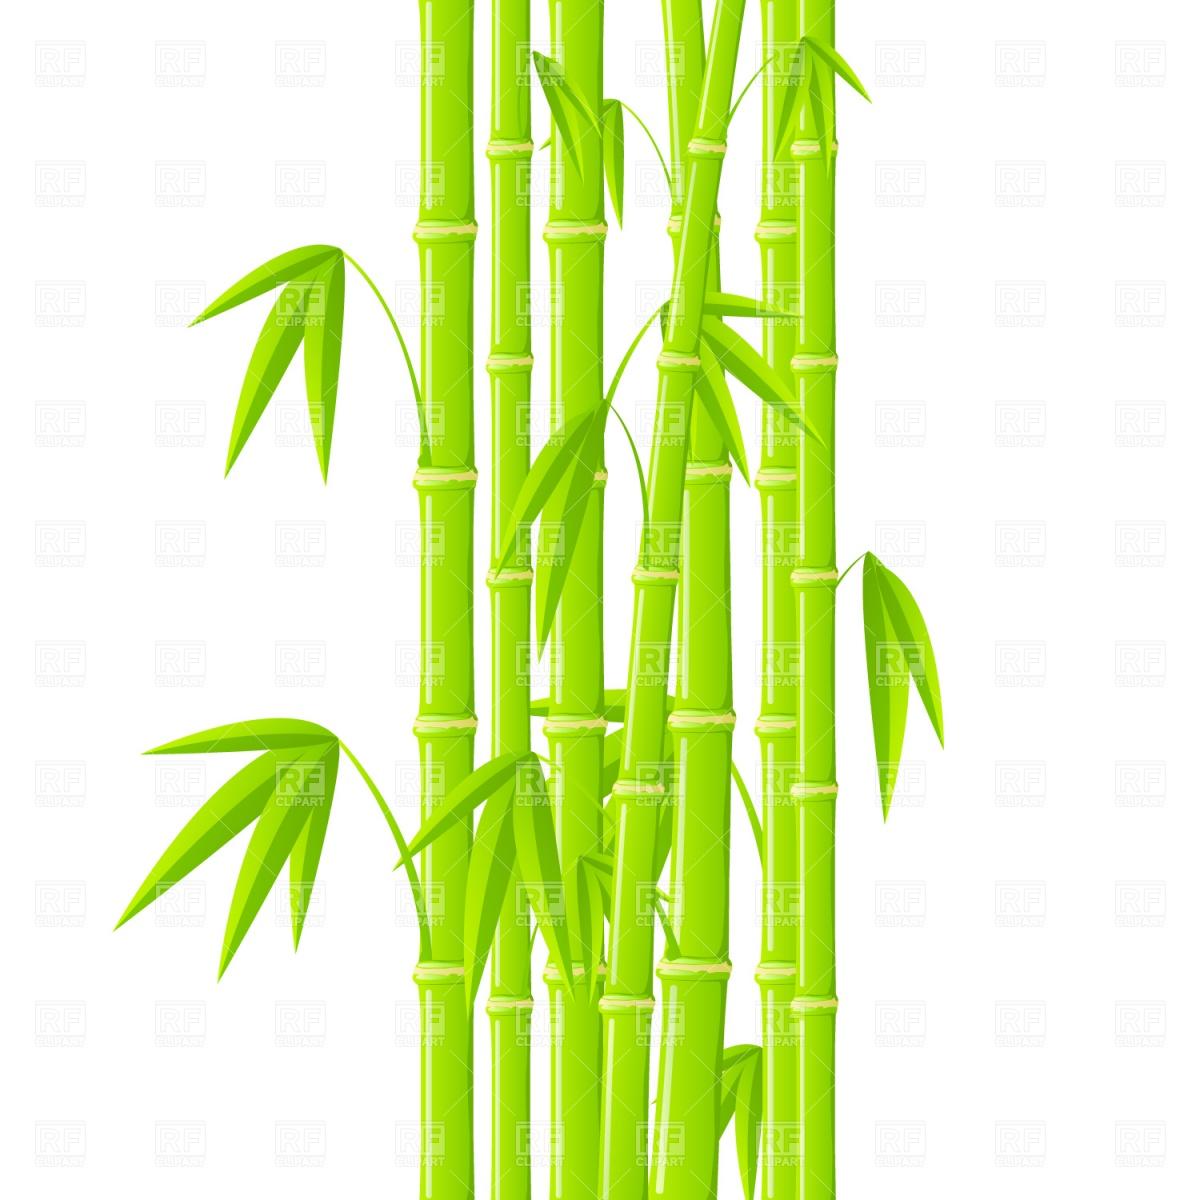 Bamboo tree clip art.